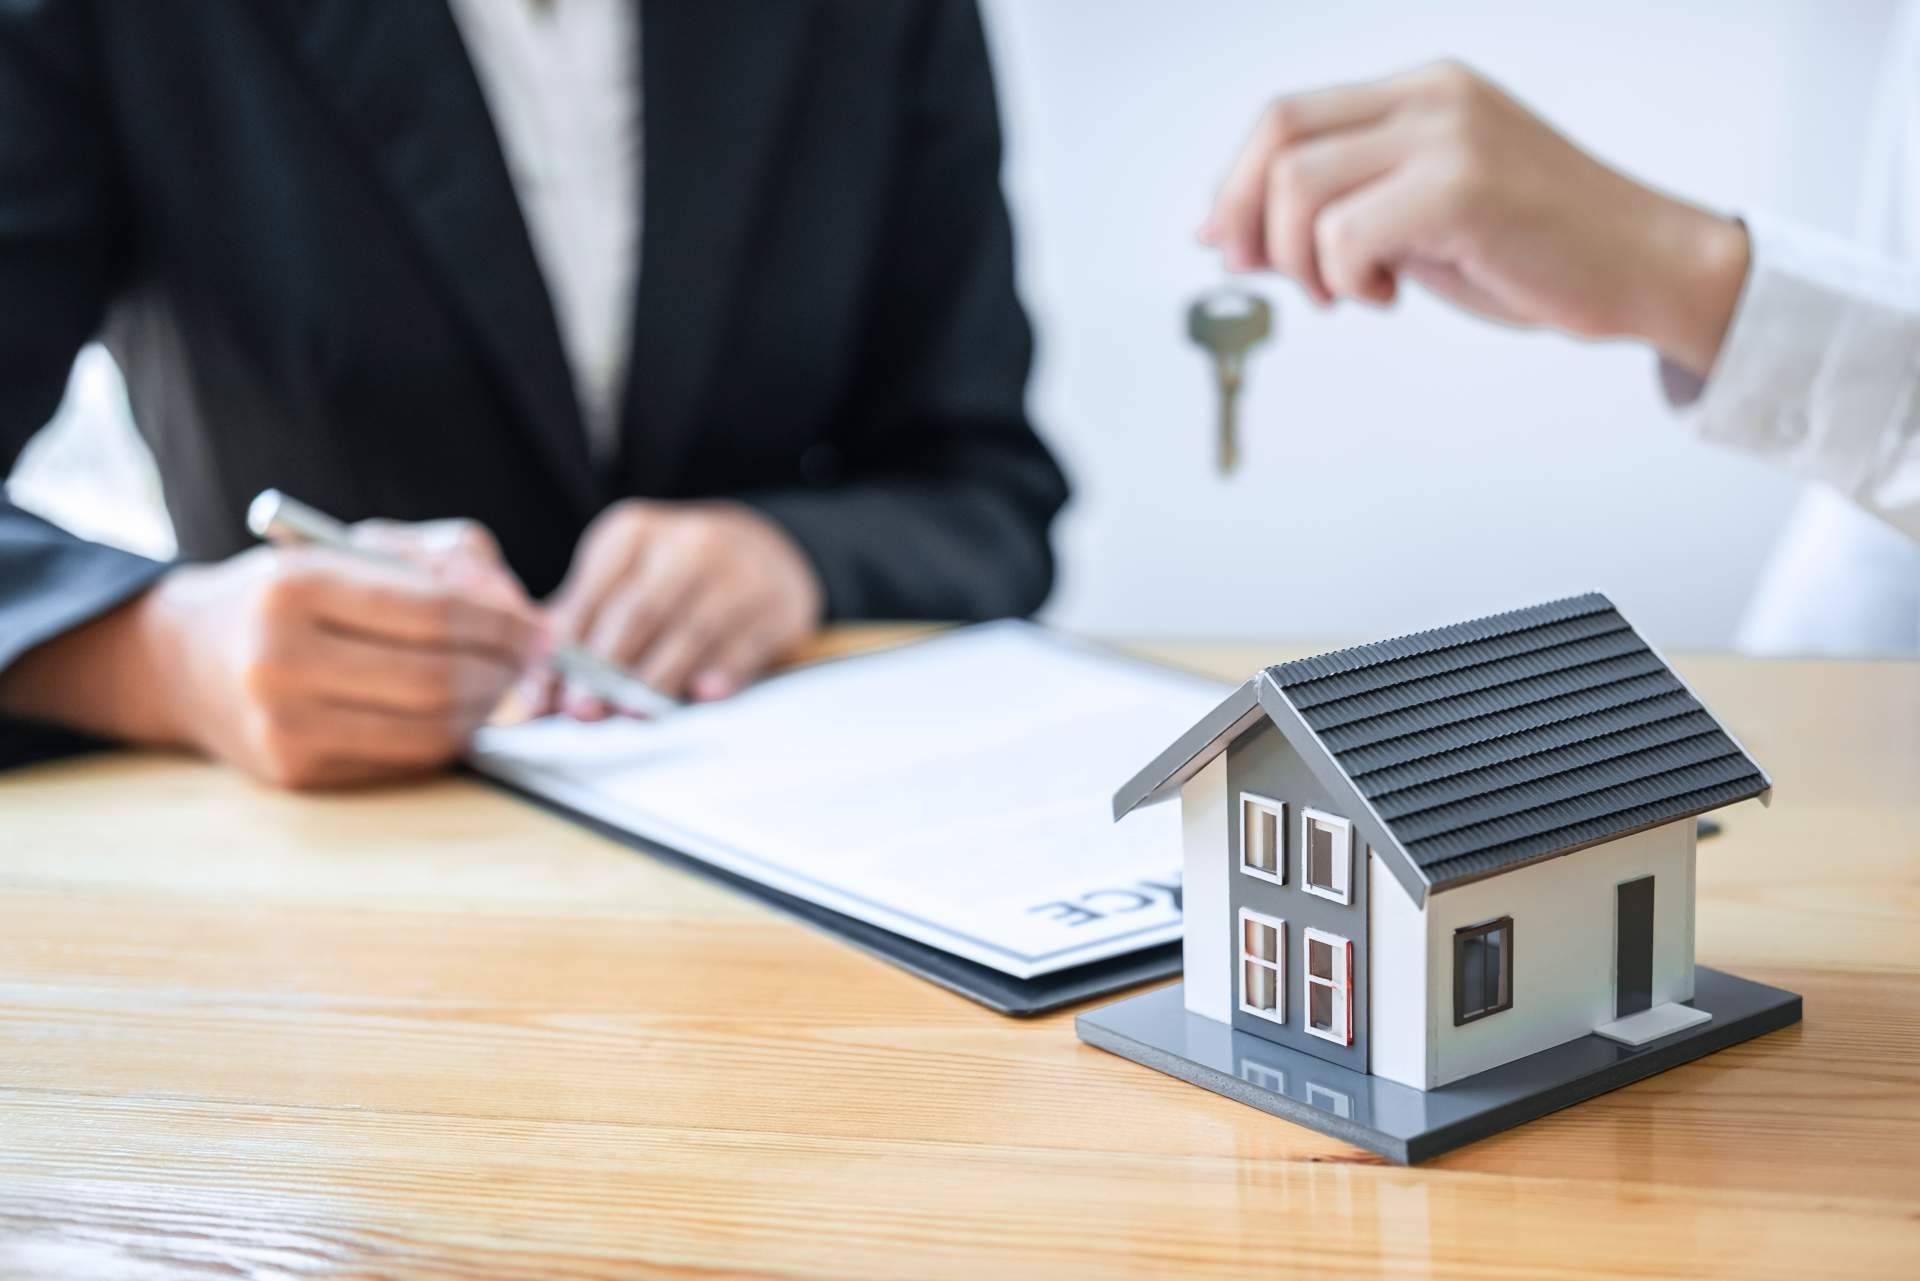 la importancia de un departamento financiero propio a la hora de recibir un préstamo hipotecario en tiempos de COVID-19